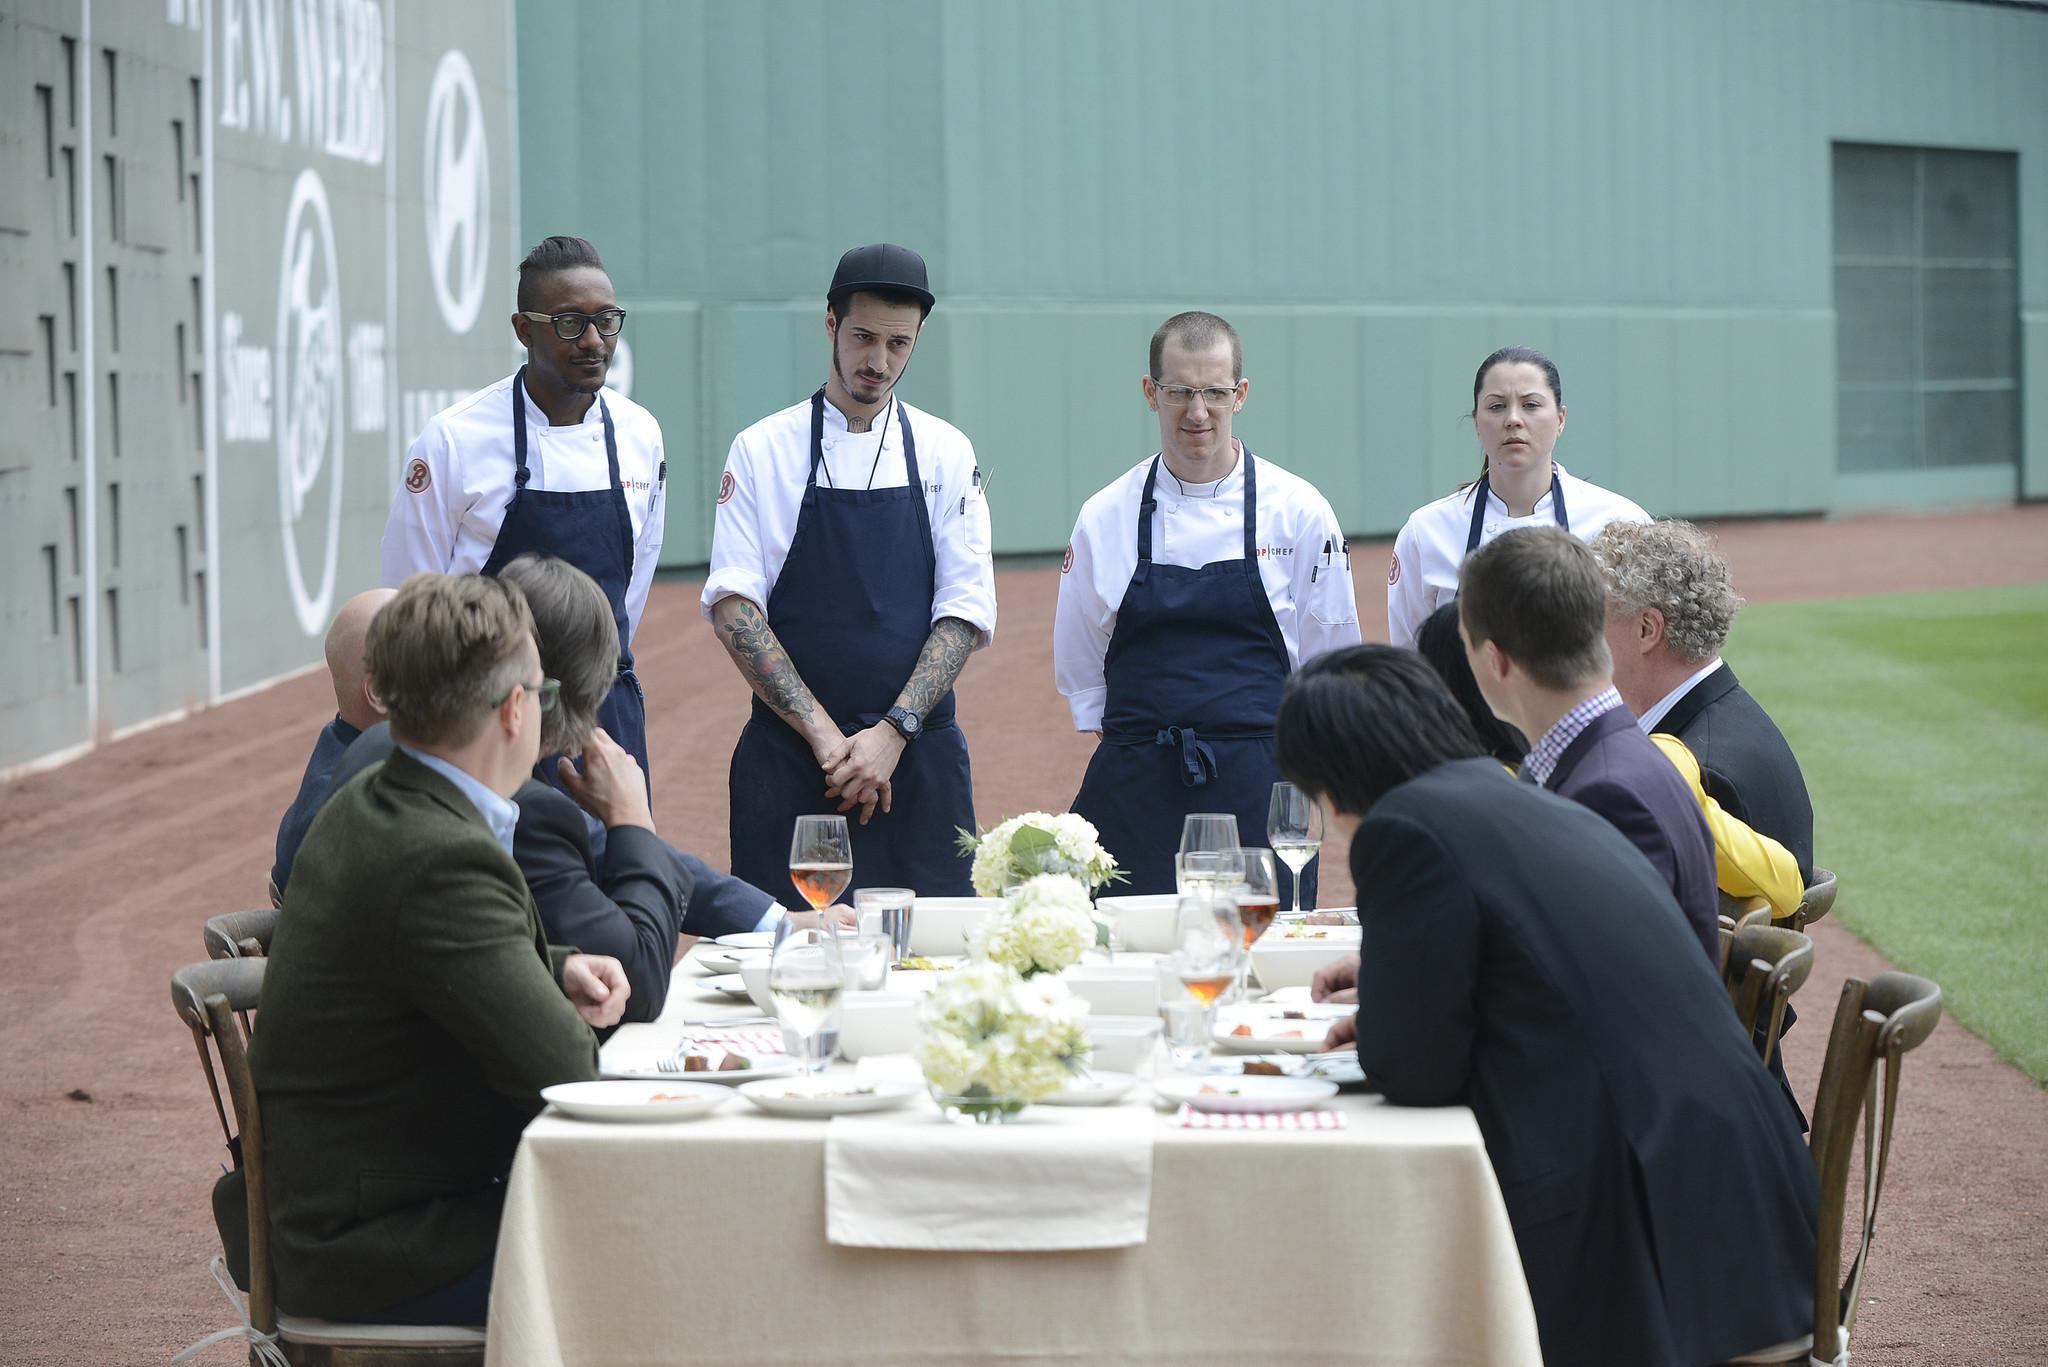 Top Chef\' recap, \'Curse of the Bambino\' - Baltimore Sun